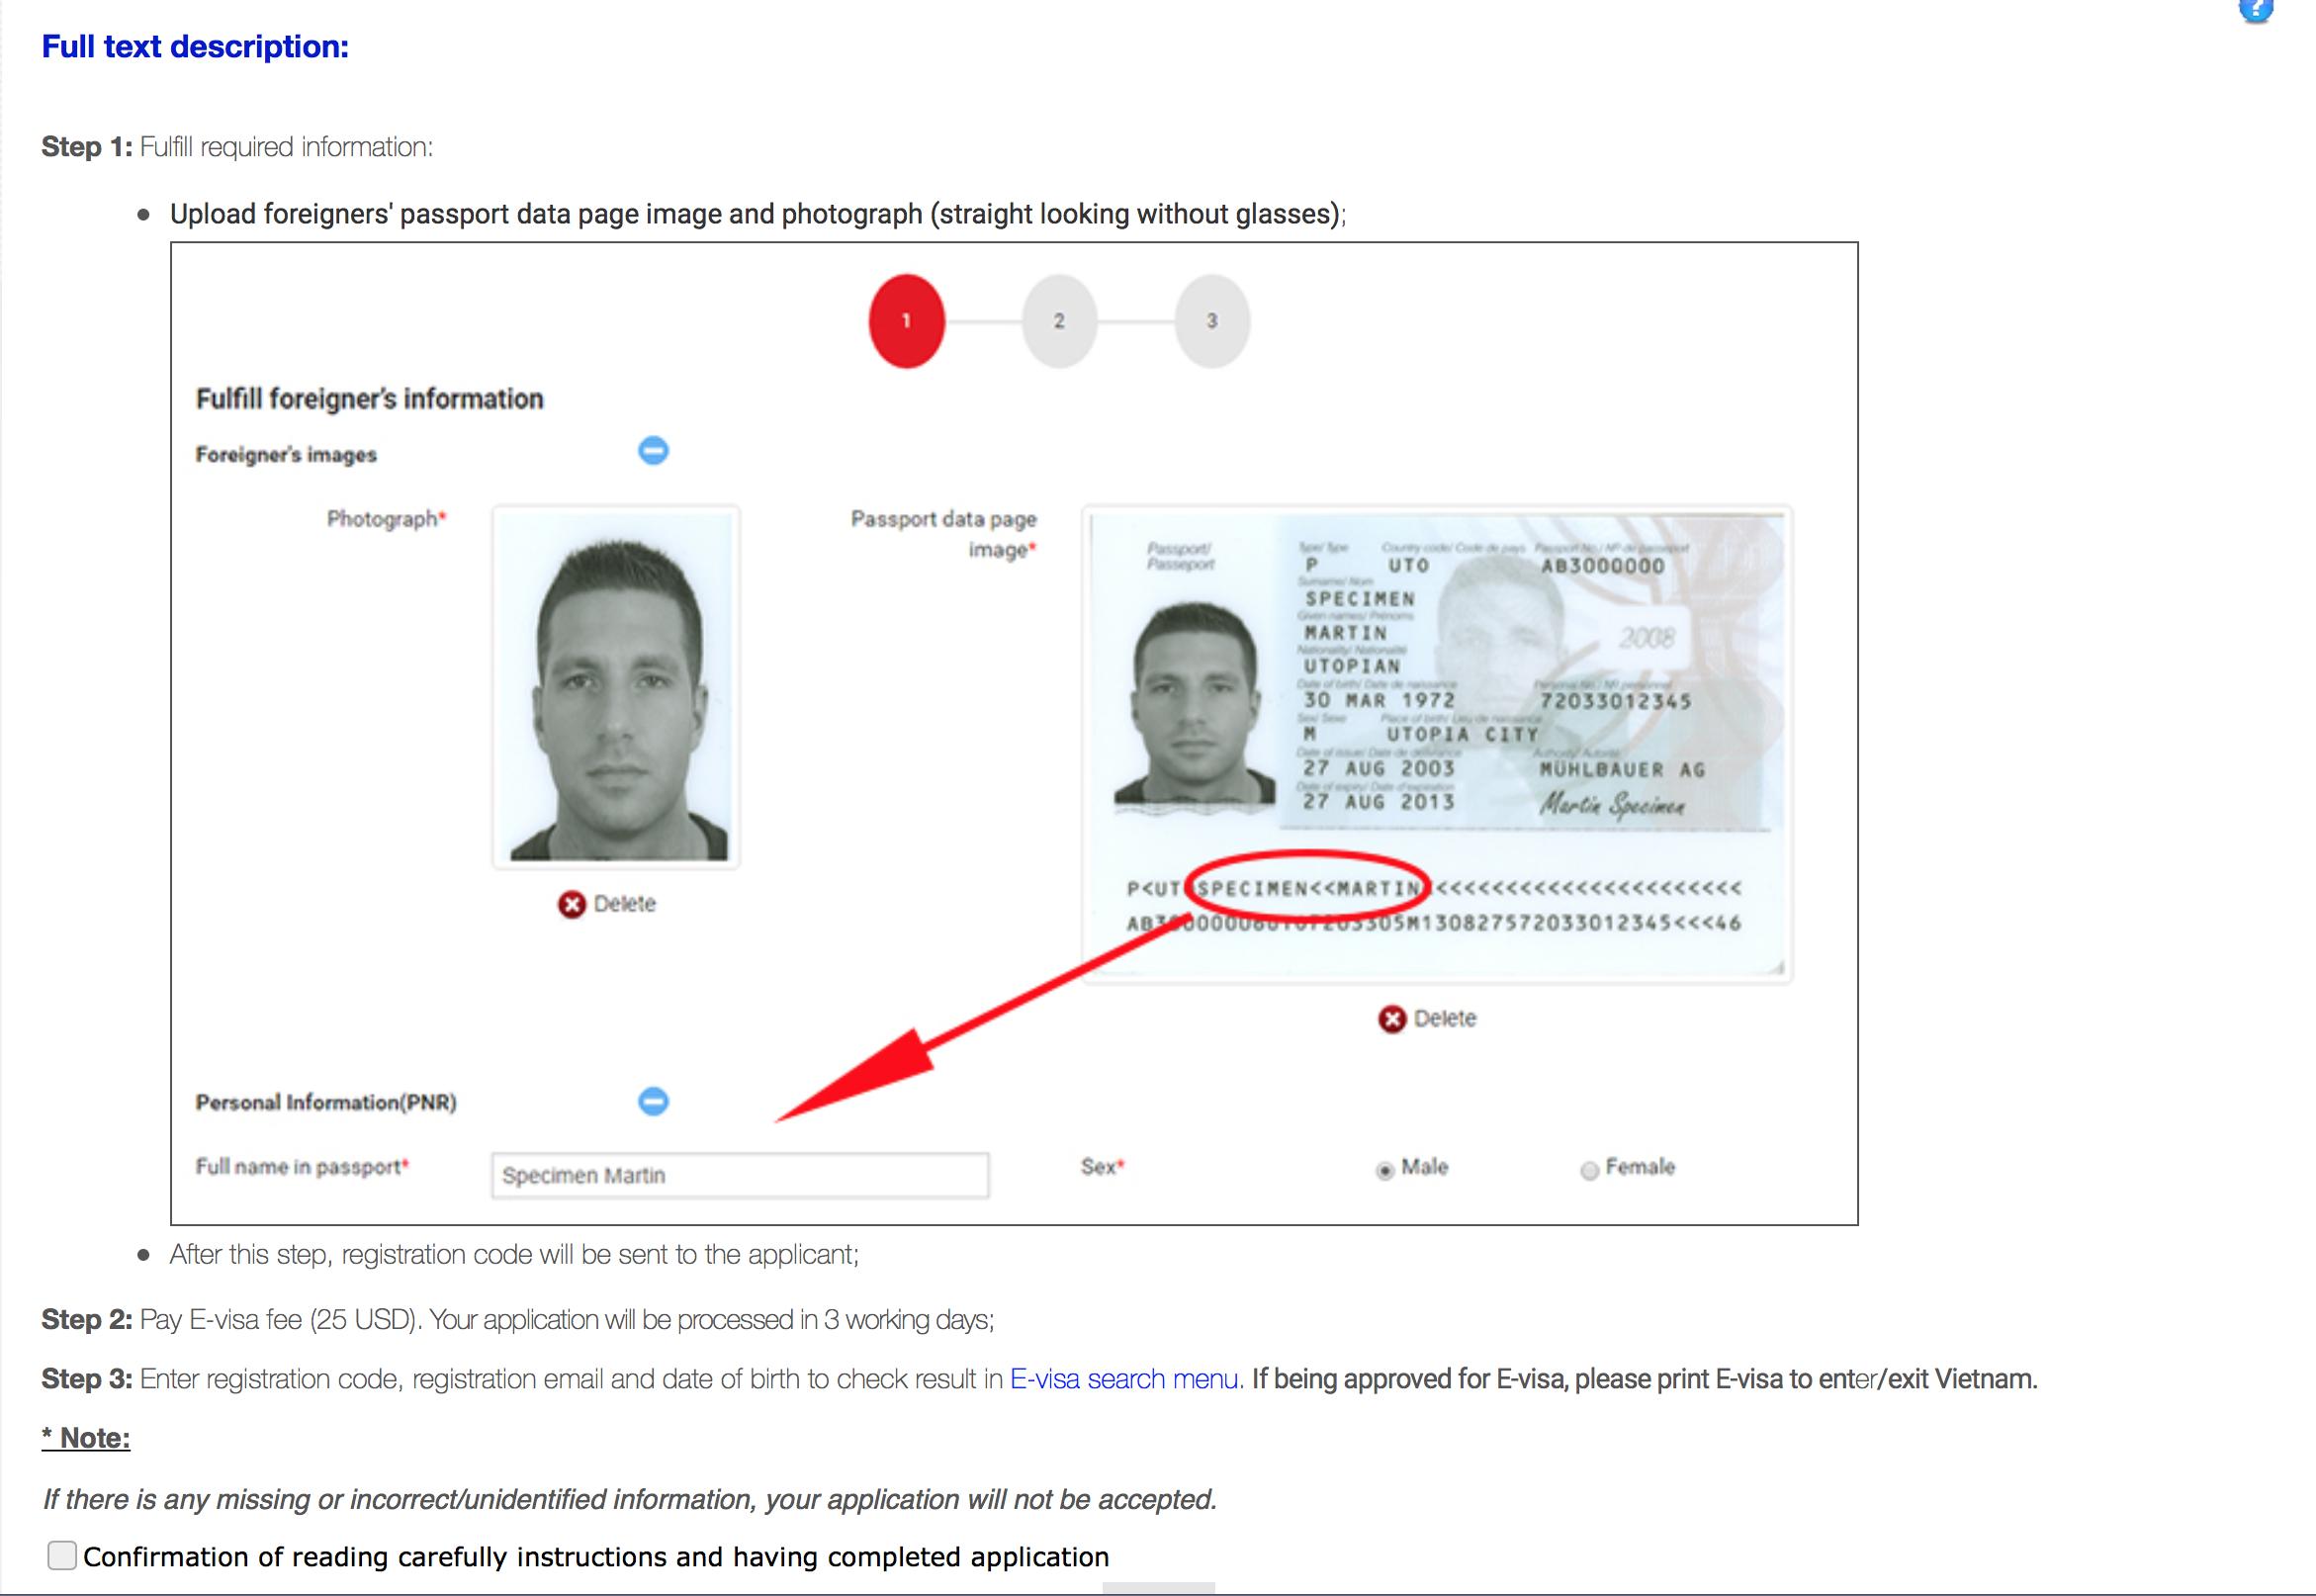 Как оформить визу во Вьетнам: анкета на электронную визу E-Visa